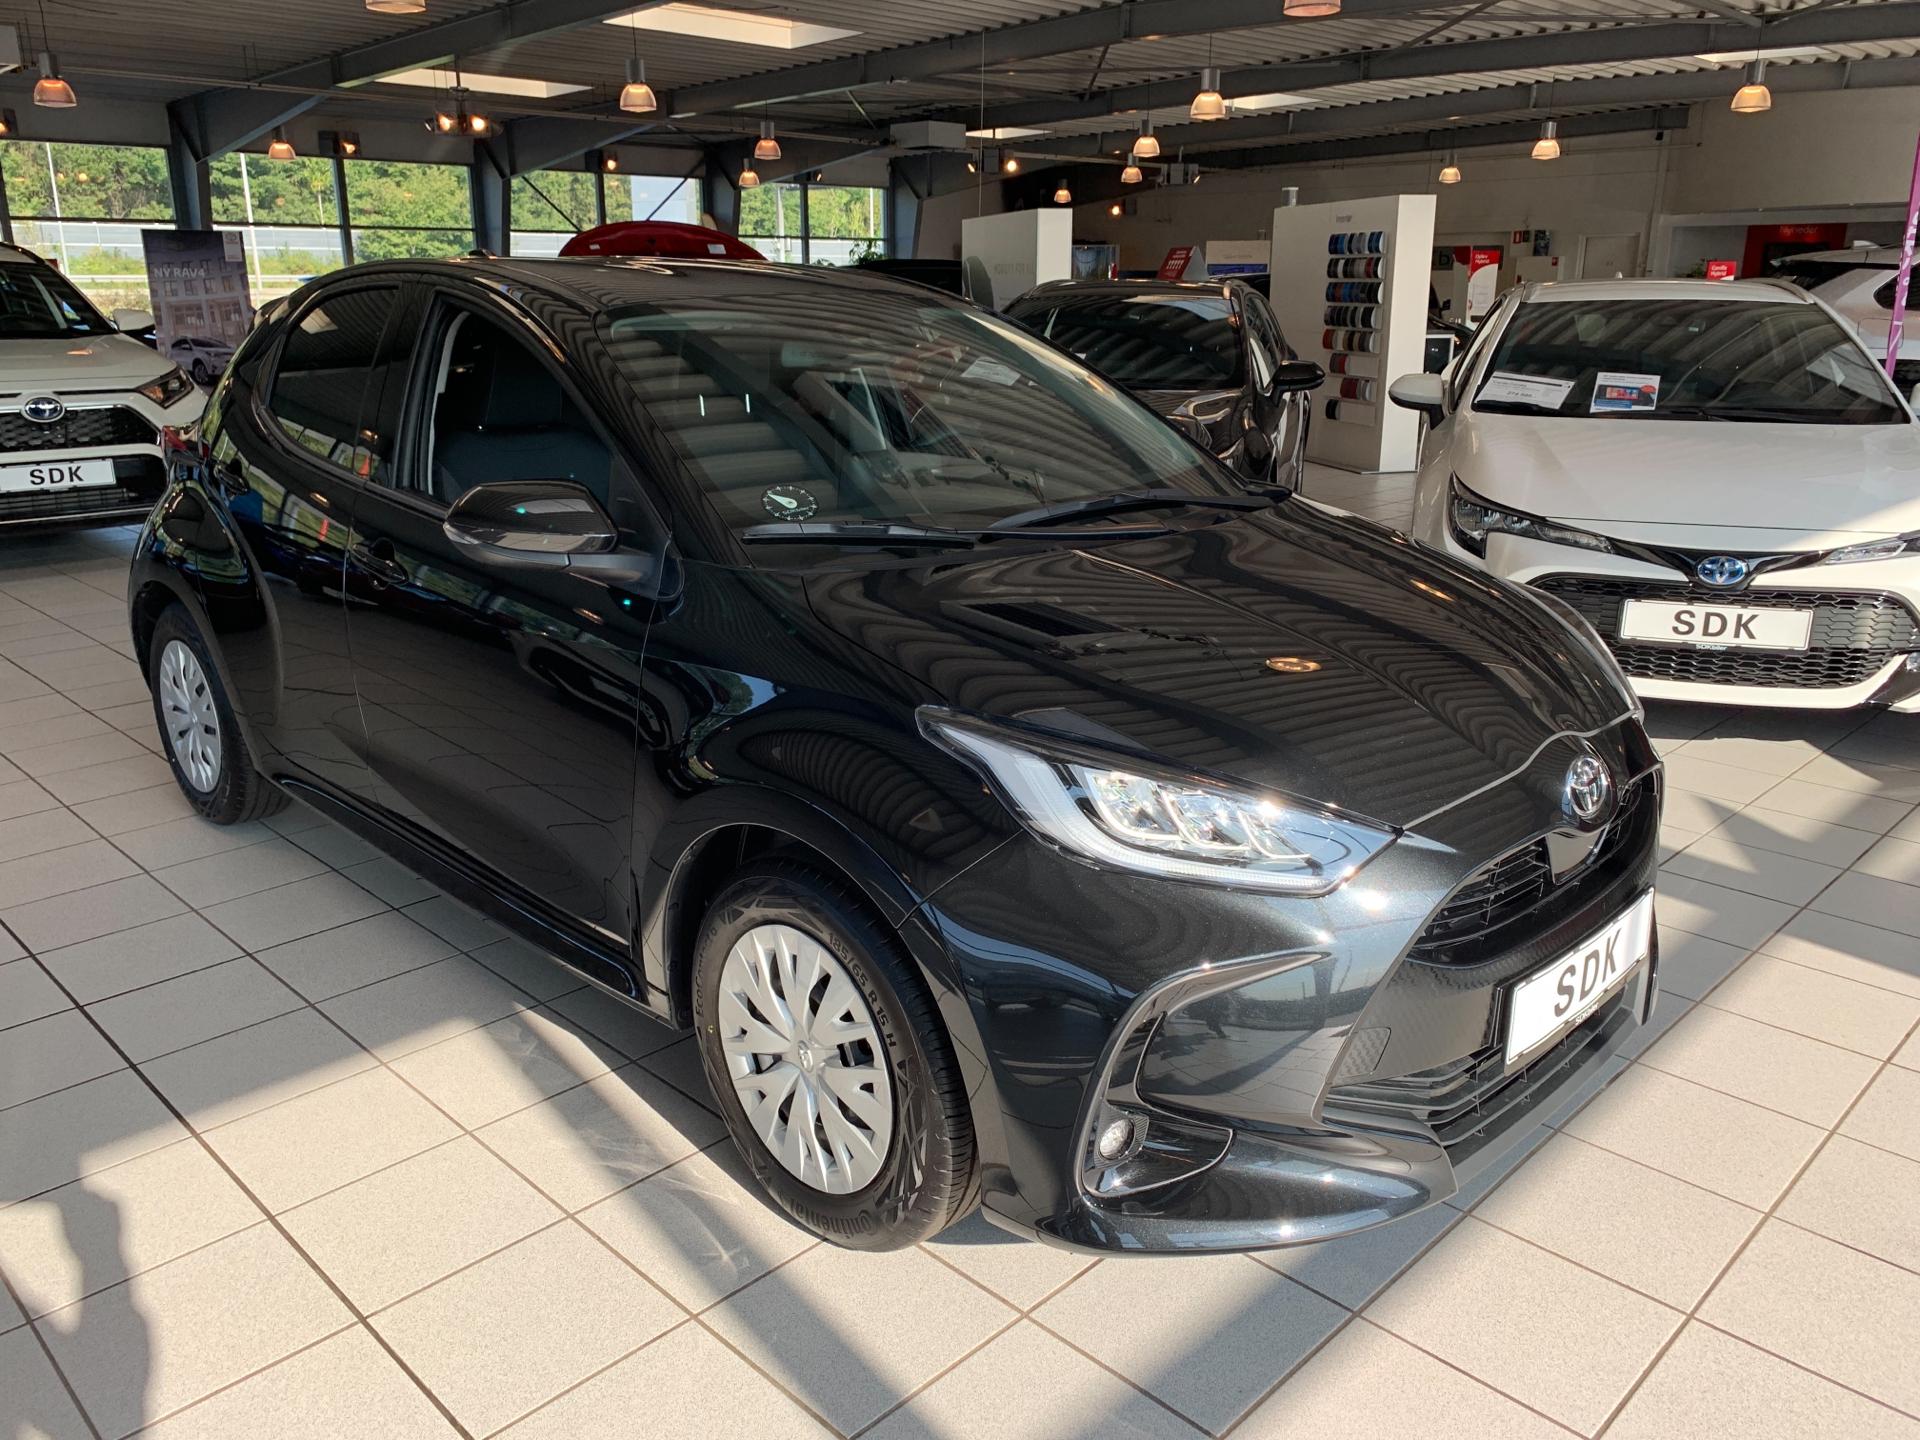 Billede af Toyota Yaris 1,5 VVT-I T3 Smart 125HK 5d 6g